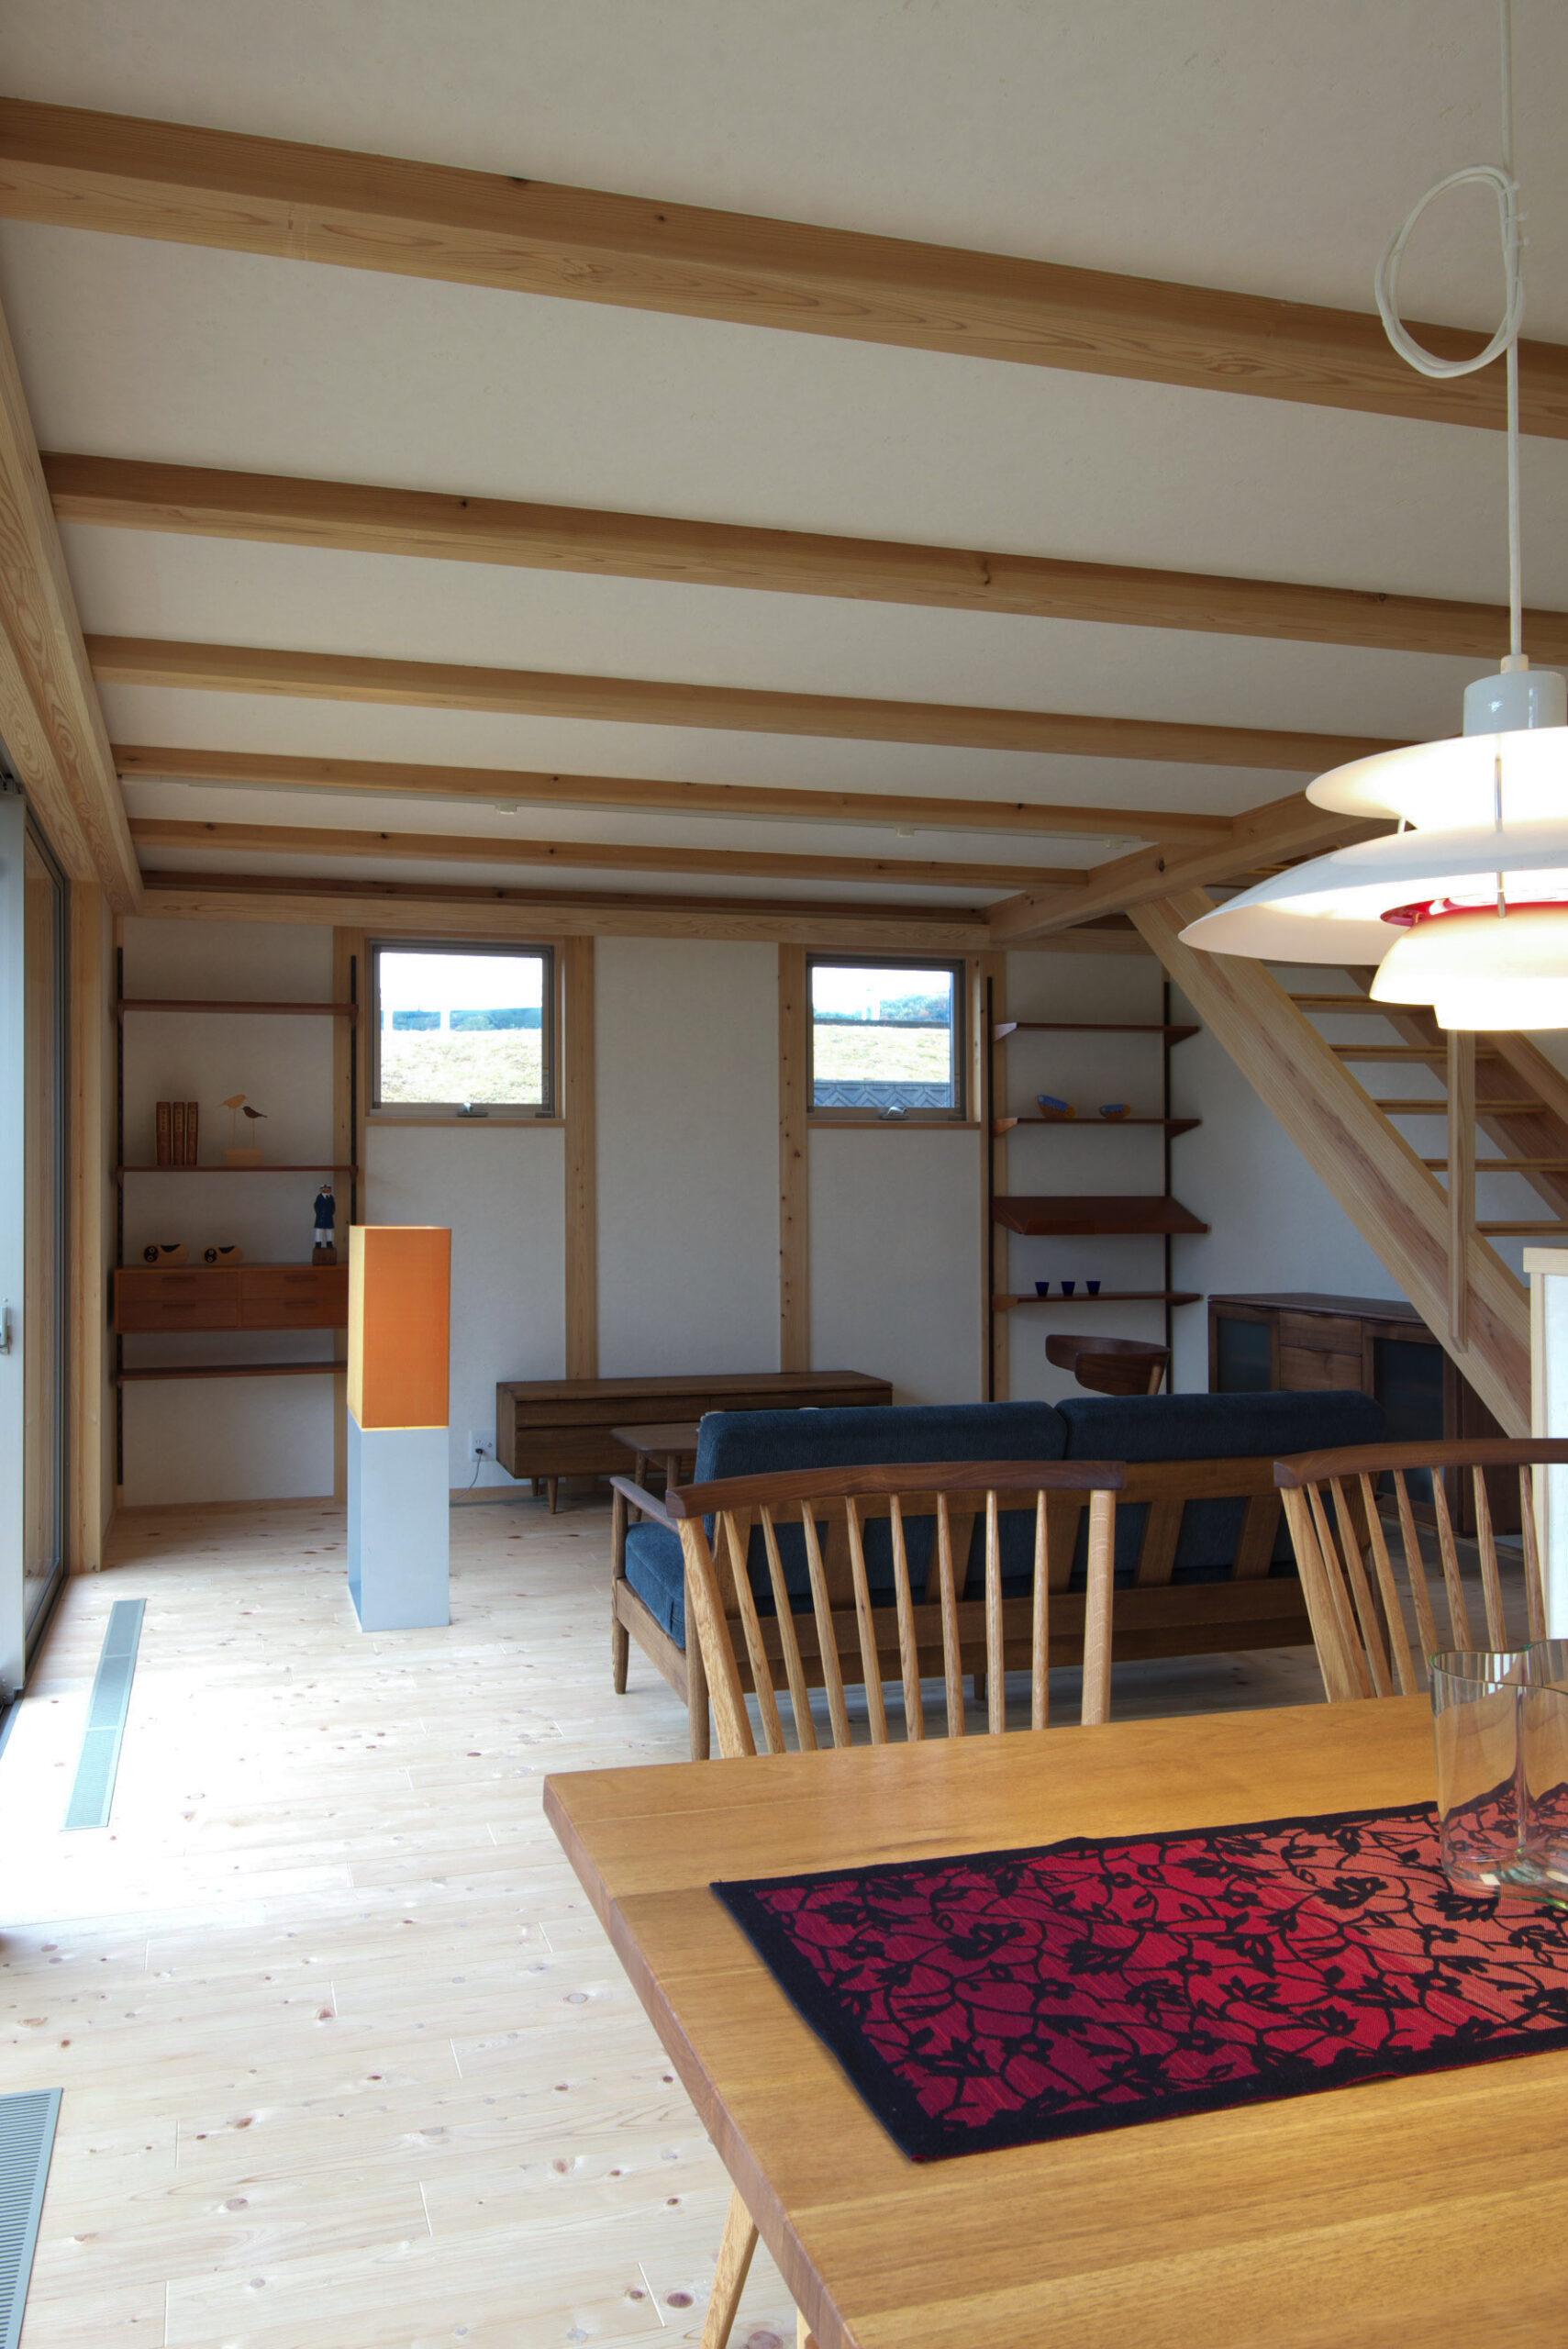 地域型住宅グリーン化事業 しずおか優良木材の家